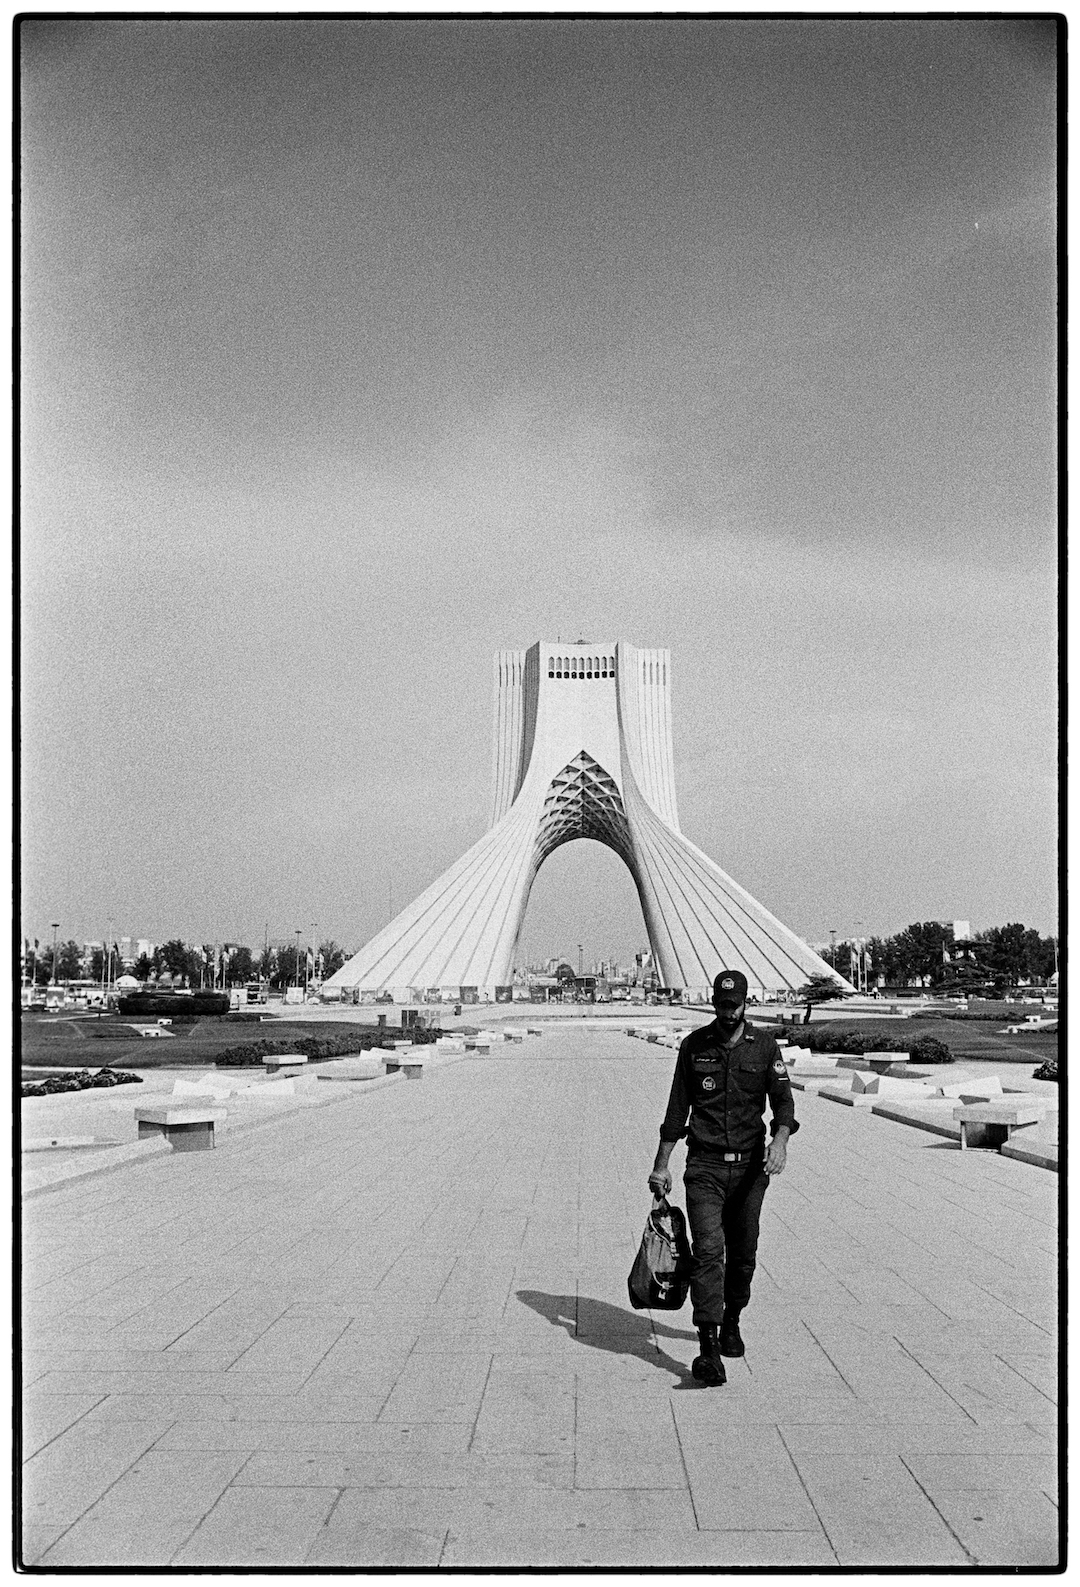 Tehran_2015_I016_TriX400_30_SE.jpg